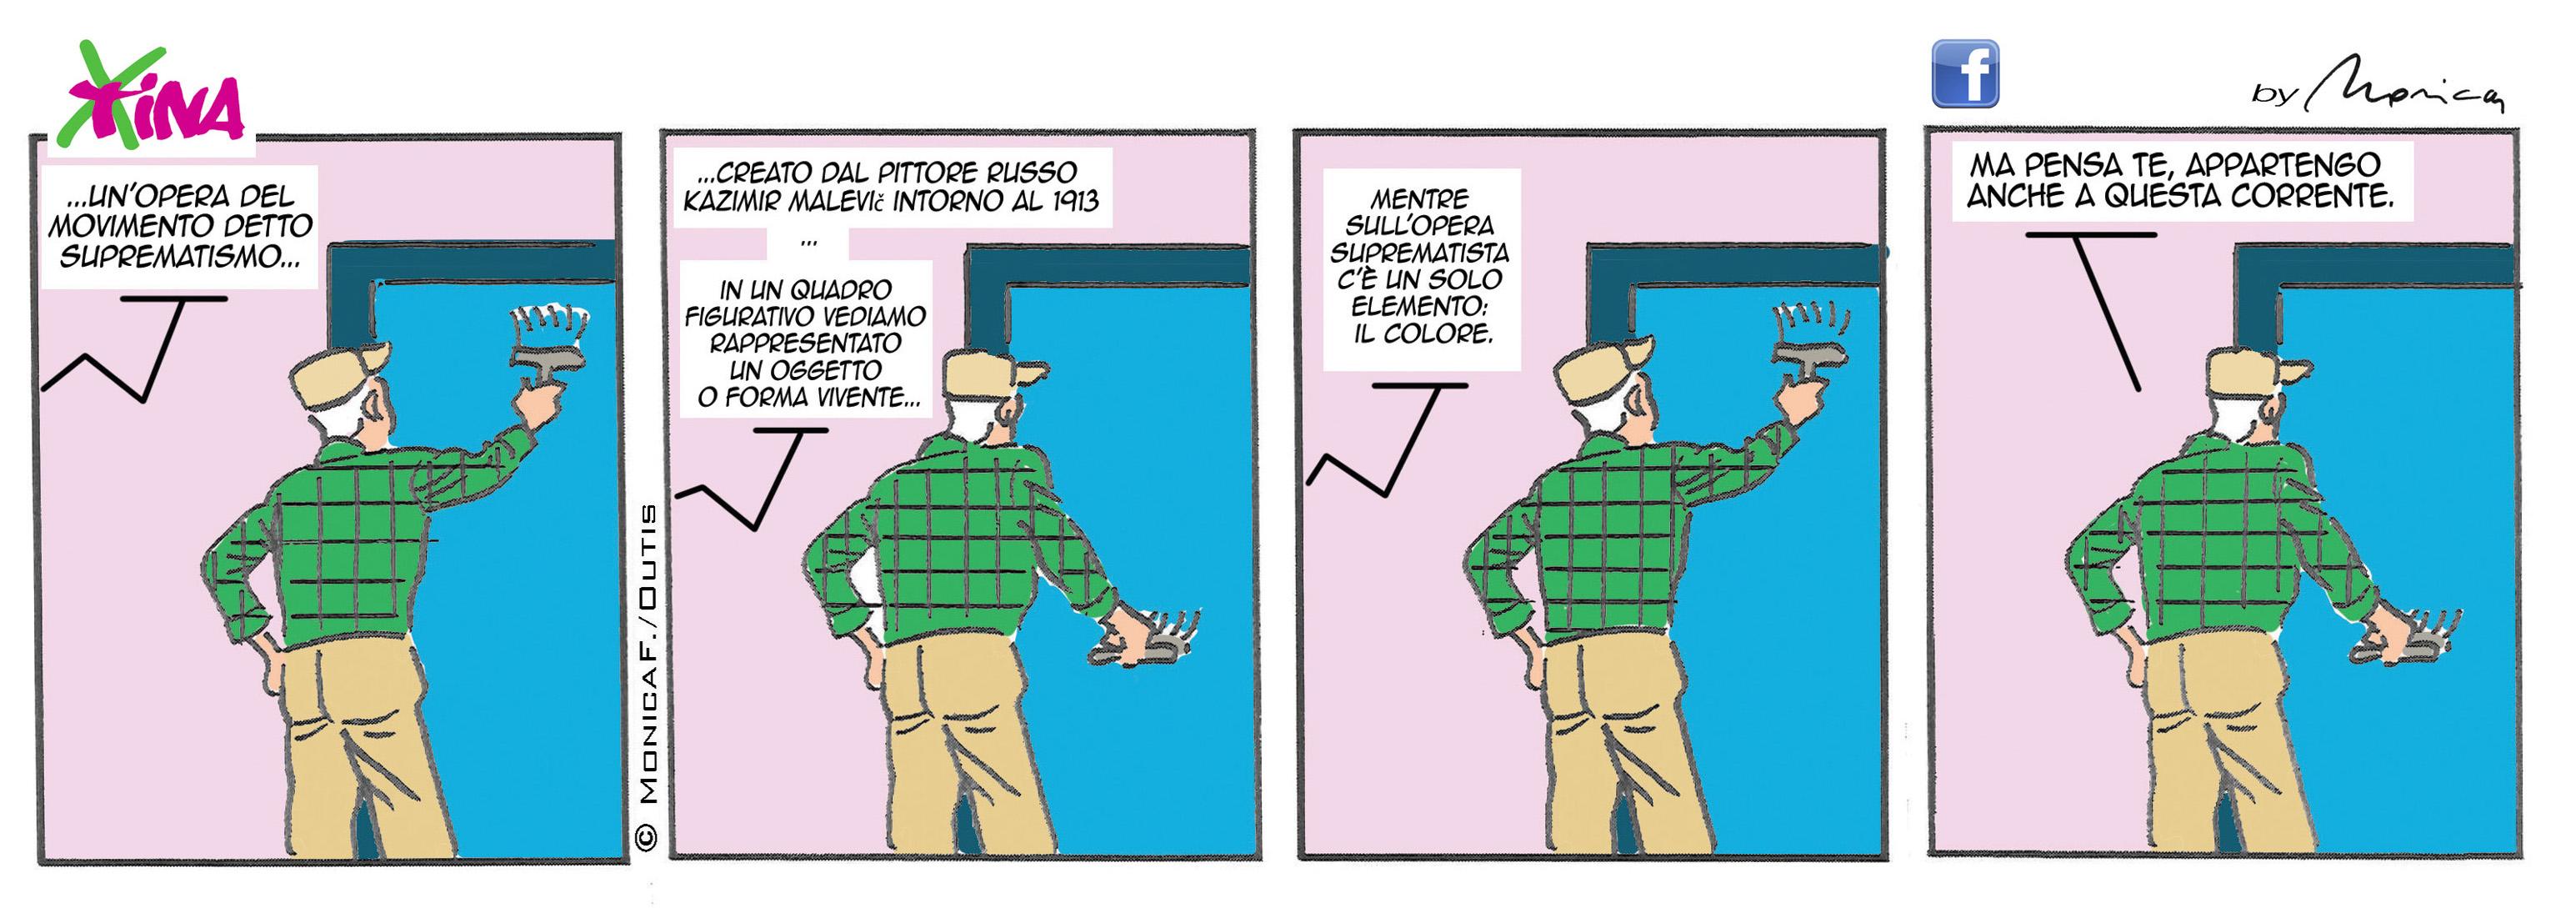 Xtina Comic Strip Art